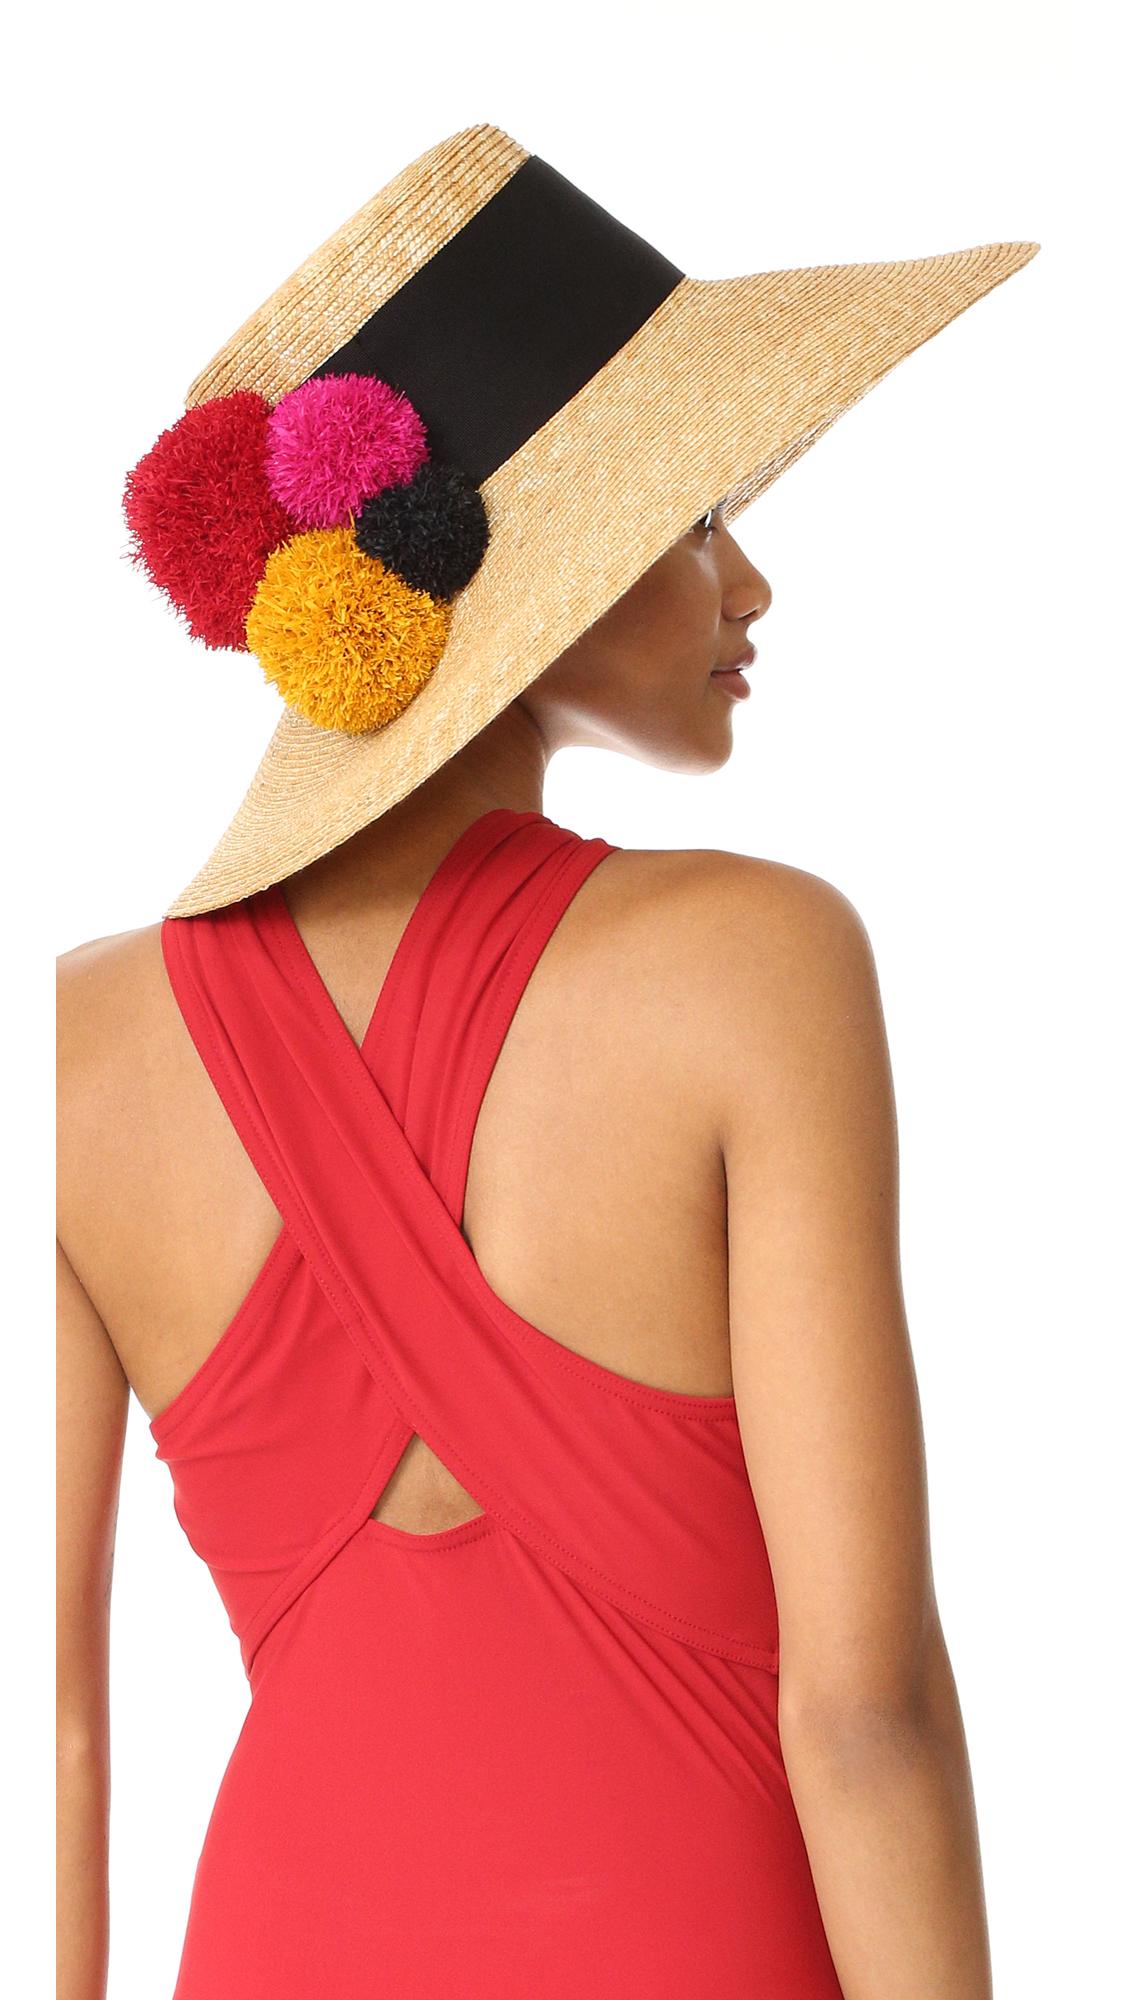 Eugenia Kim Mirasol Hat - Natural at Shopbop